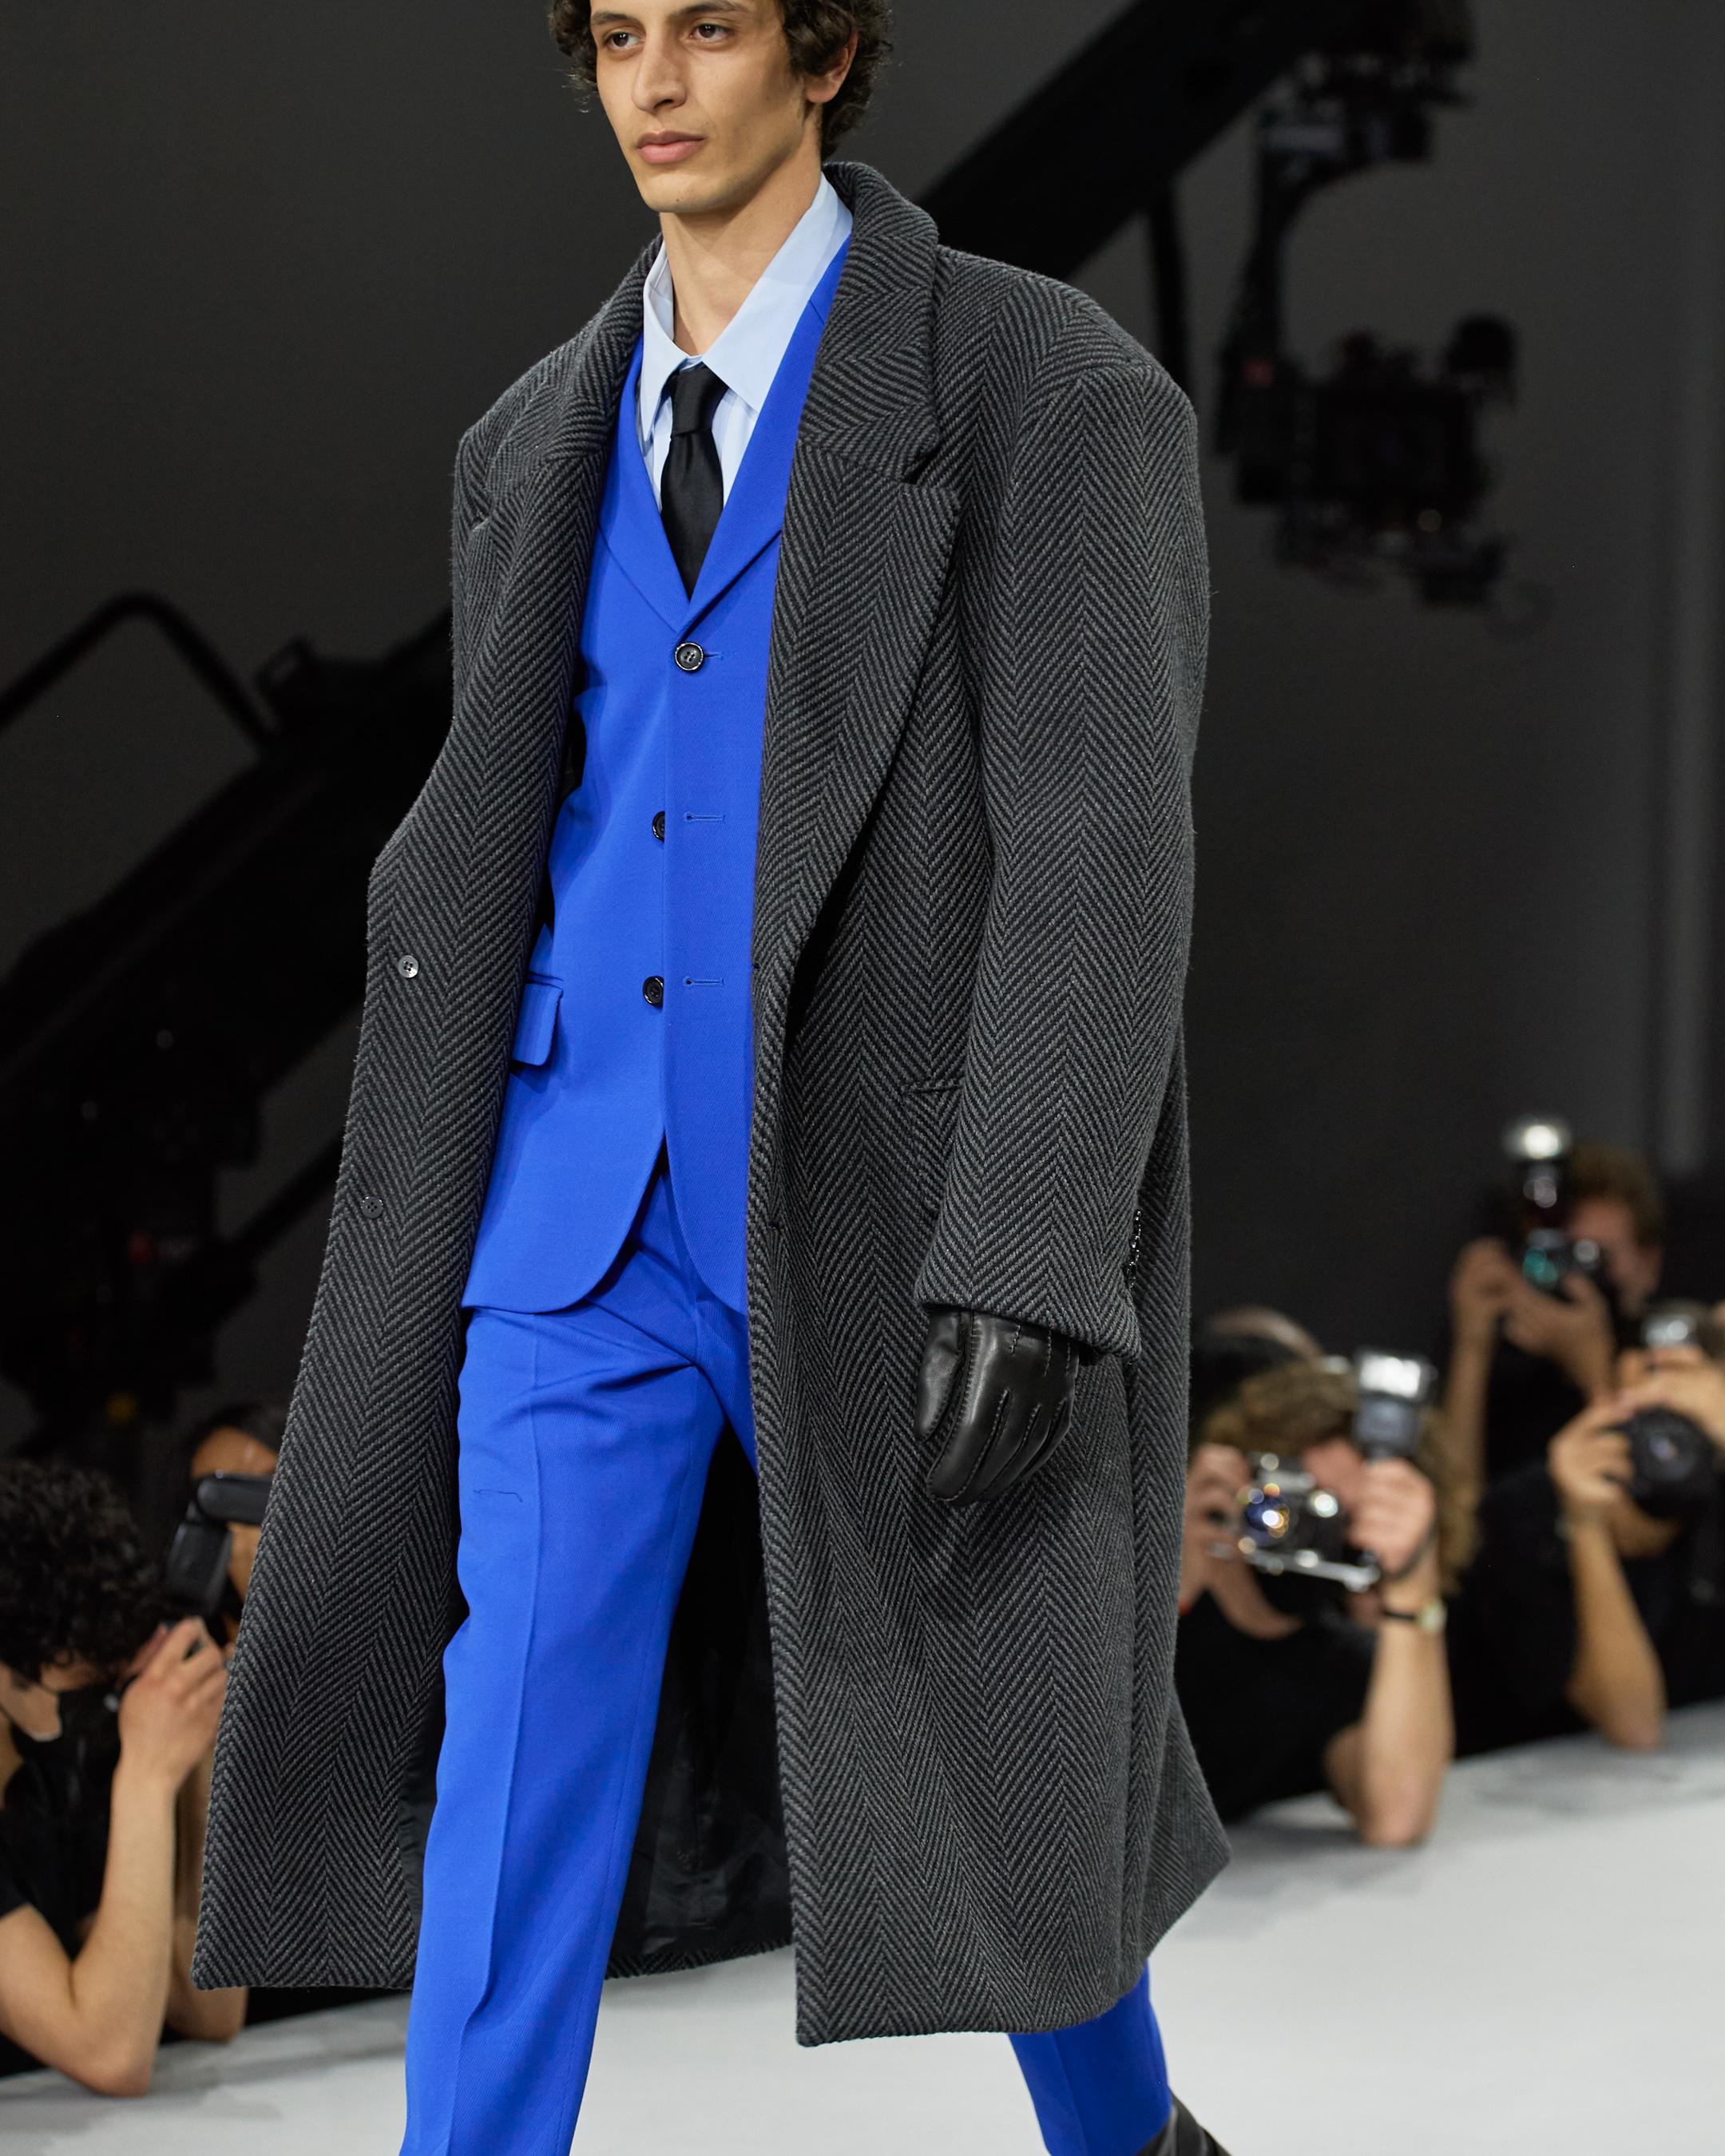 Ami Paris Fall 2021 Fashion Show